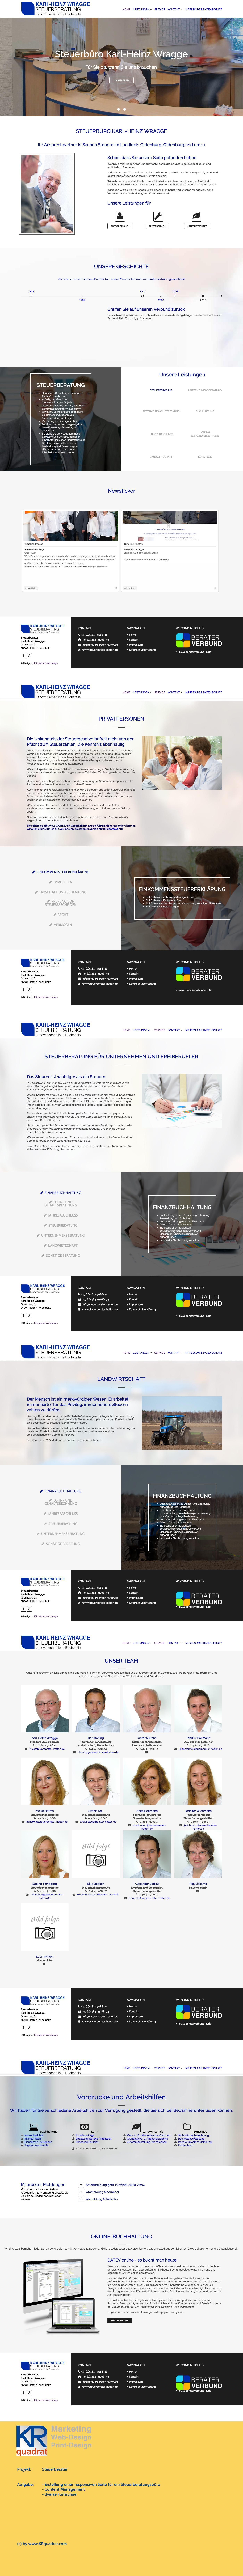 Groß Website Vorlage Für Handelsunternehmen Galerie - Beispiel ...